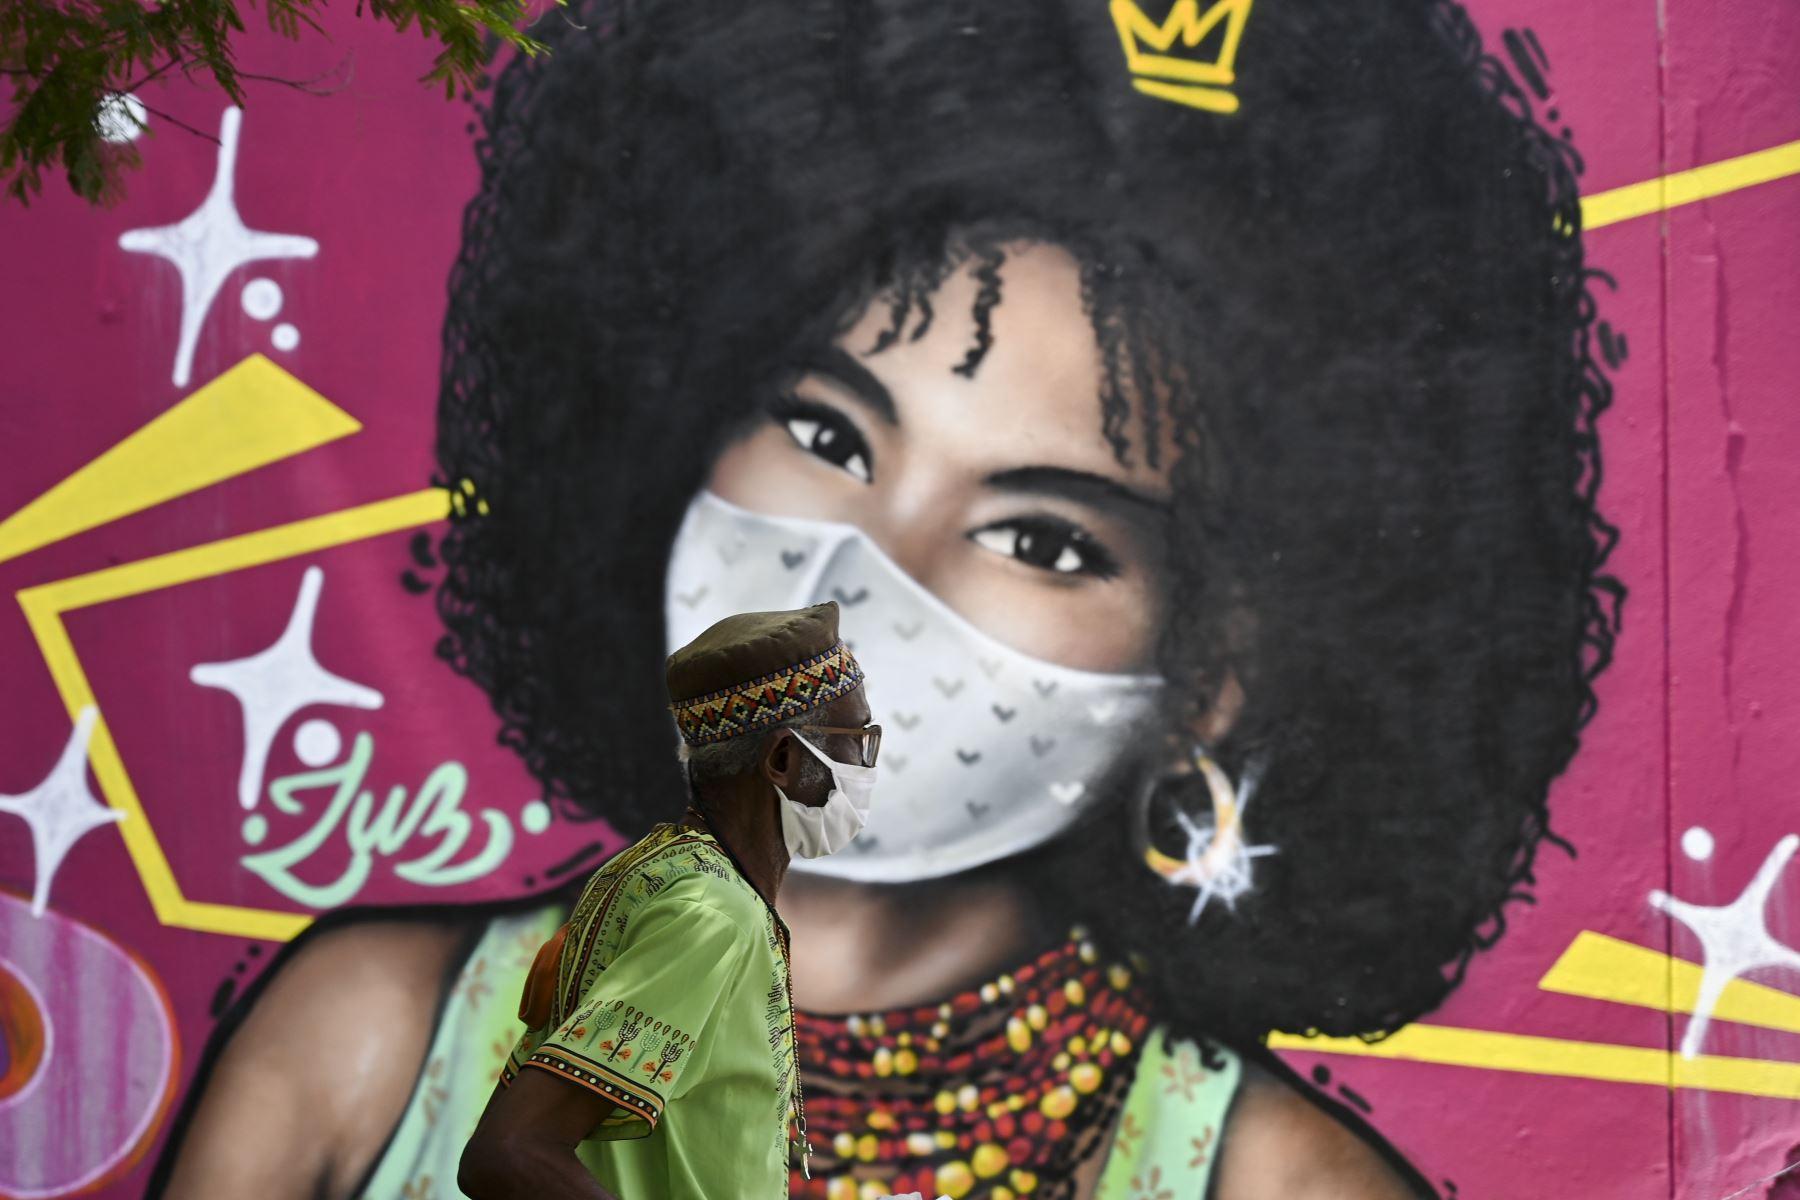 Un hombre usa una máscara facial como medida preventiva contra la propagación del nuevo coronavirus cuando pasa junto a un mural en Cali, Colombia. Foto: AFP